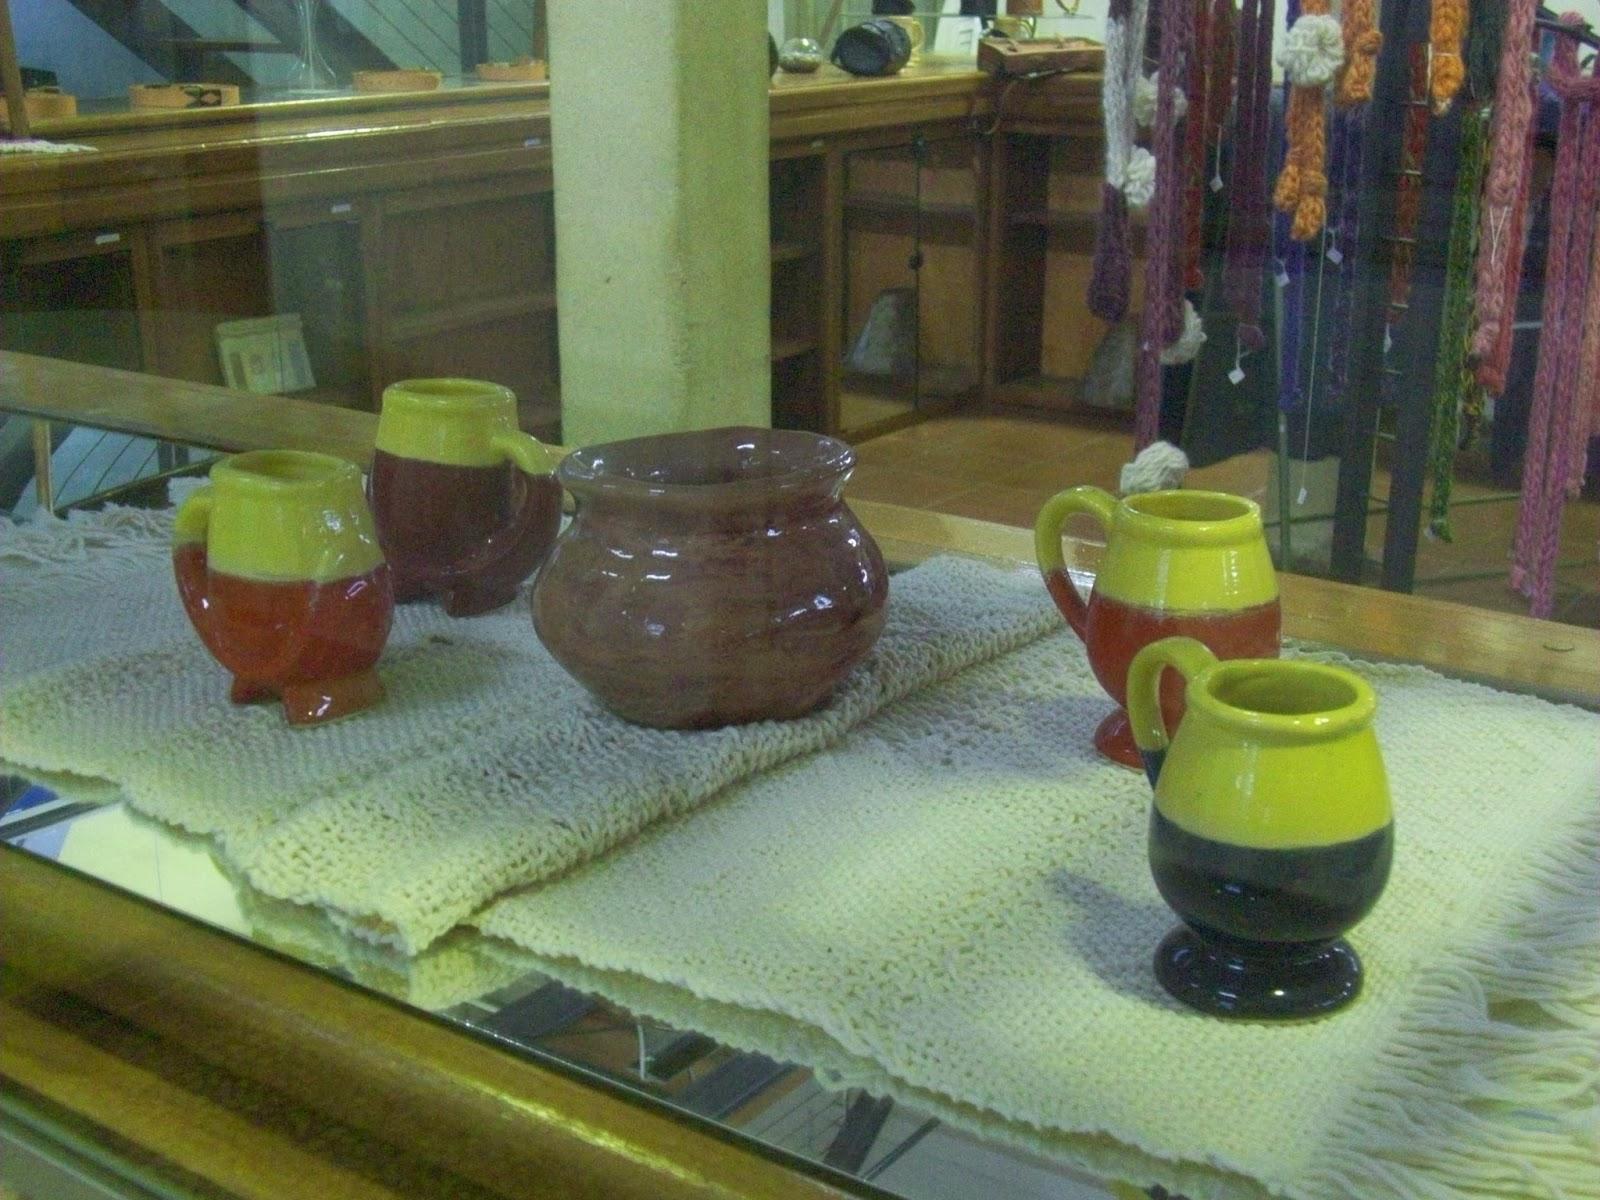 Artesanato Em Ingles Tradução ~ cativa artesanato Artigas Uruguai (Antigo Mercado Publico)